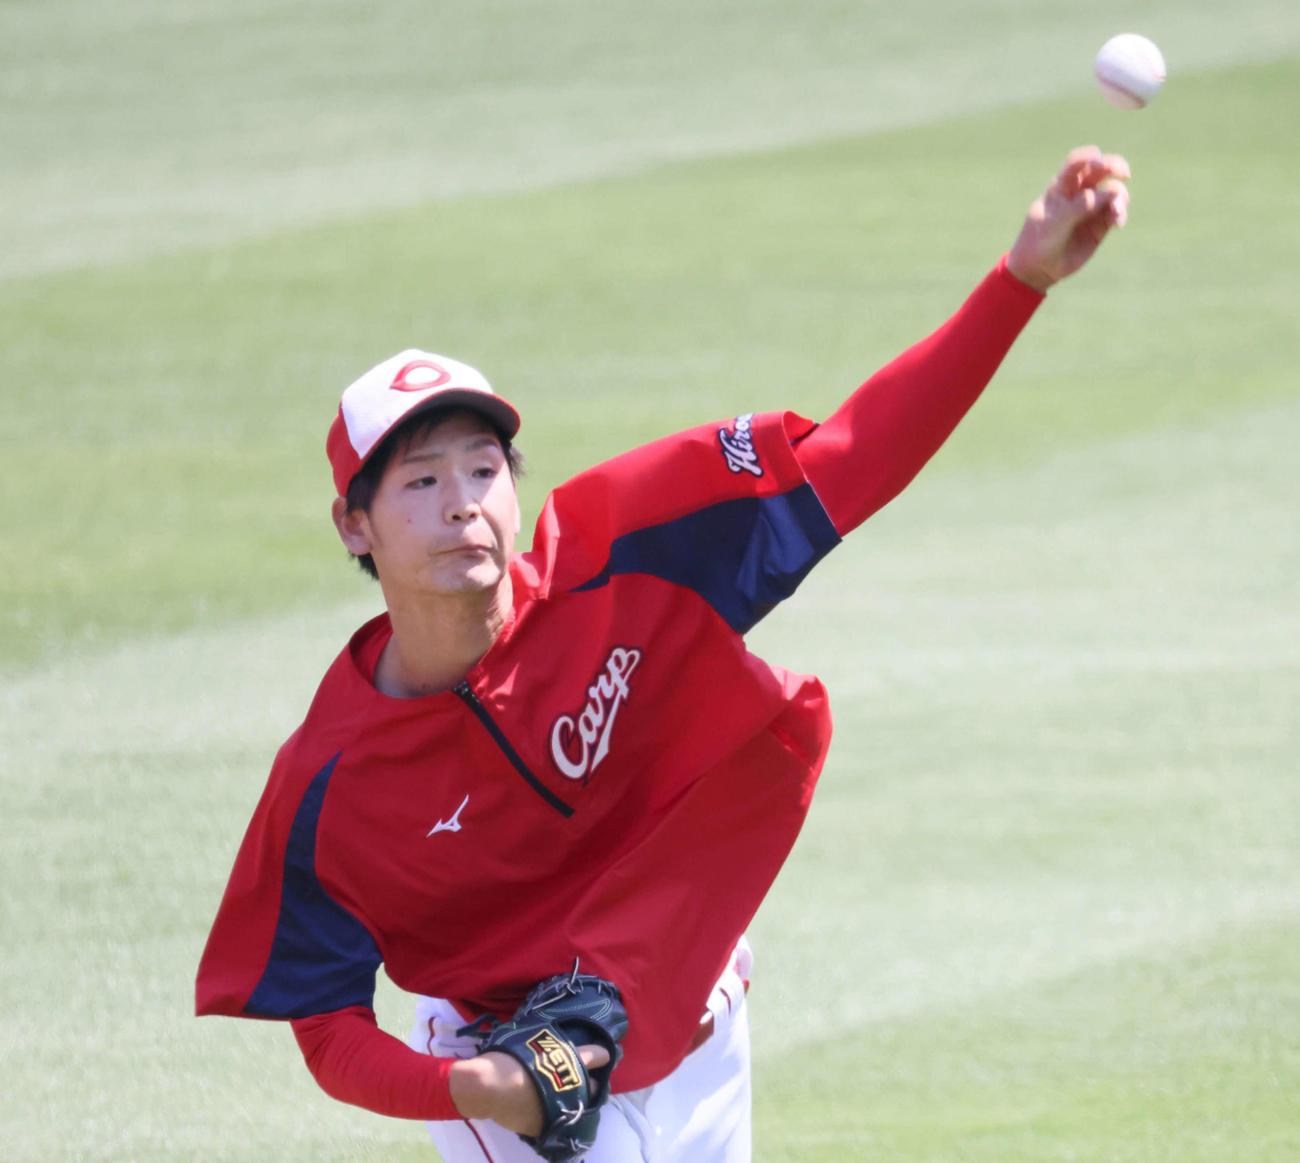 広島投手指名練習 キャッチボールをする森浦(撮影・加藤孝規)